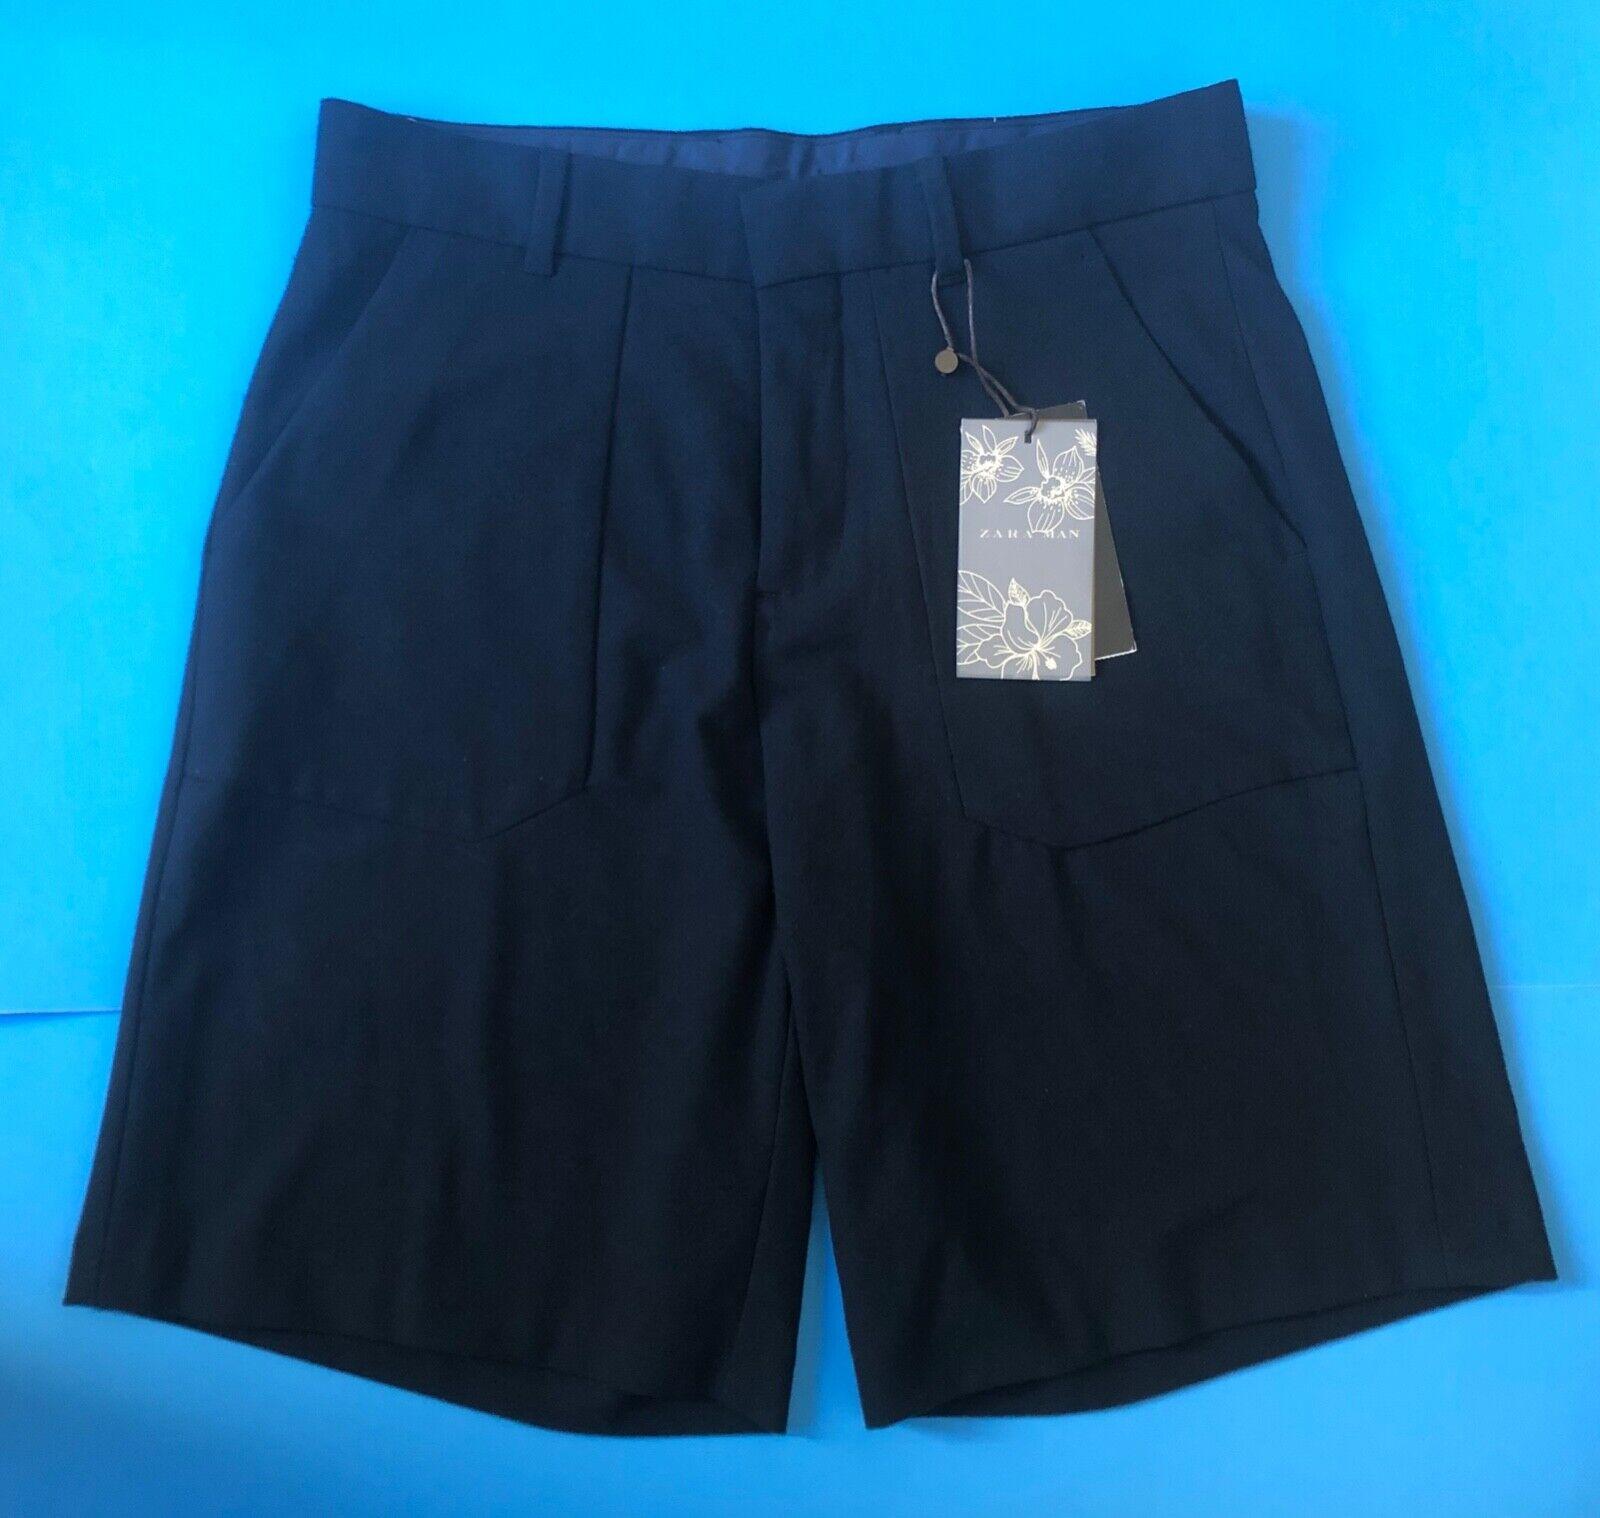 NWT ZARA MAN Shorts Navy bluee